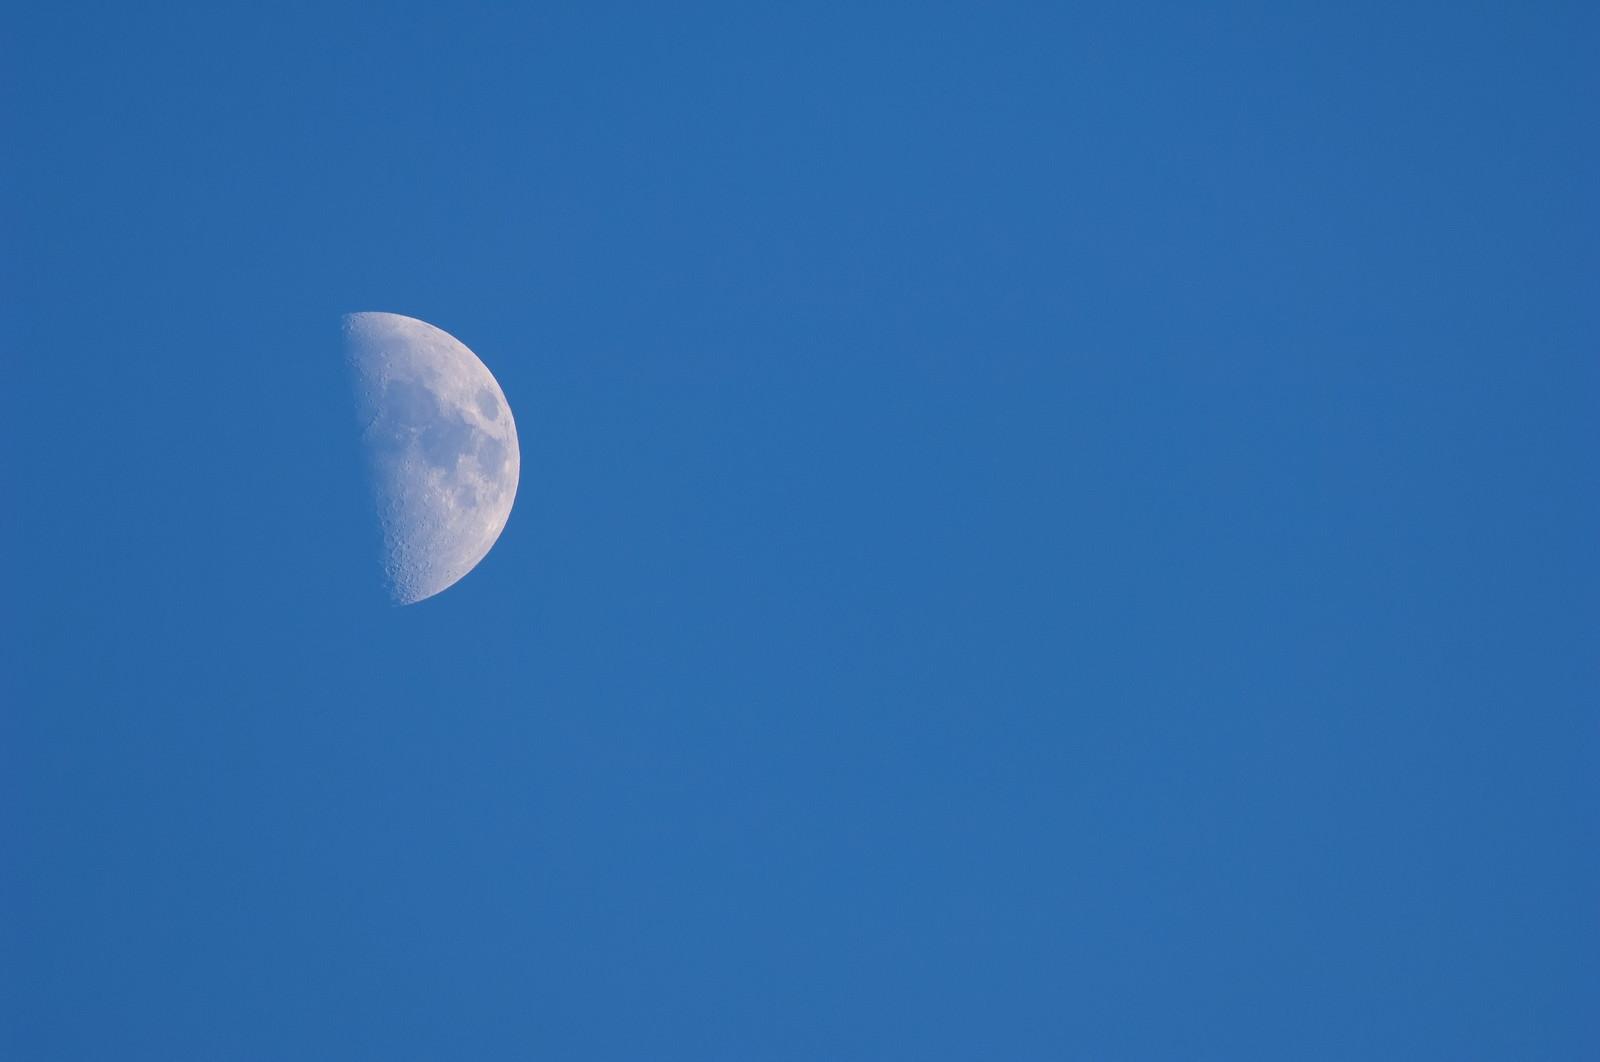 「上弦の月上弦の月」のフリー写真素材を拡大